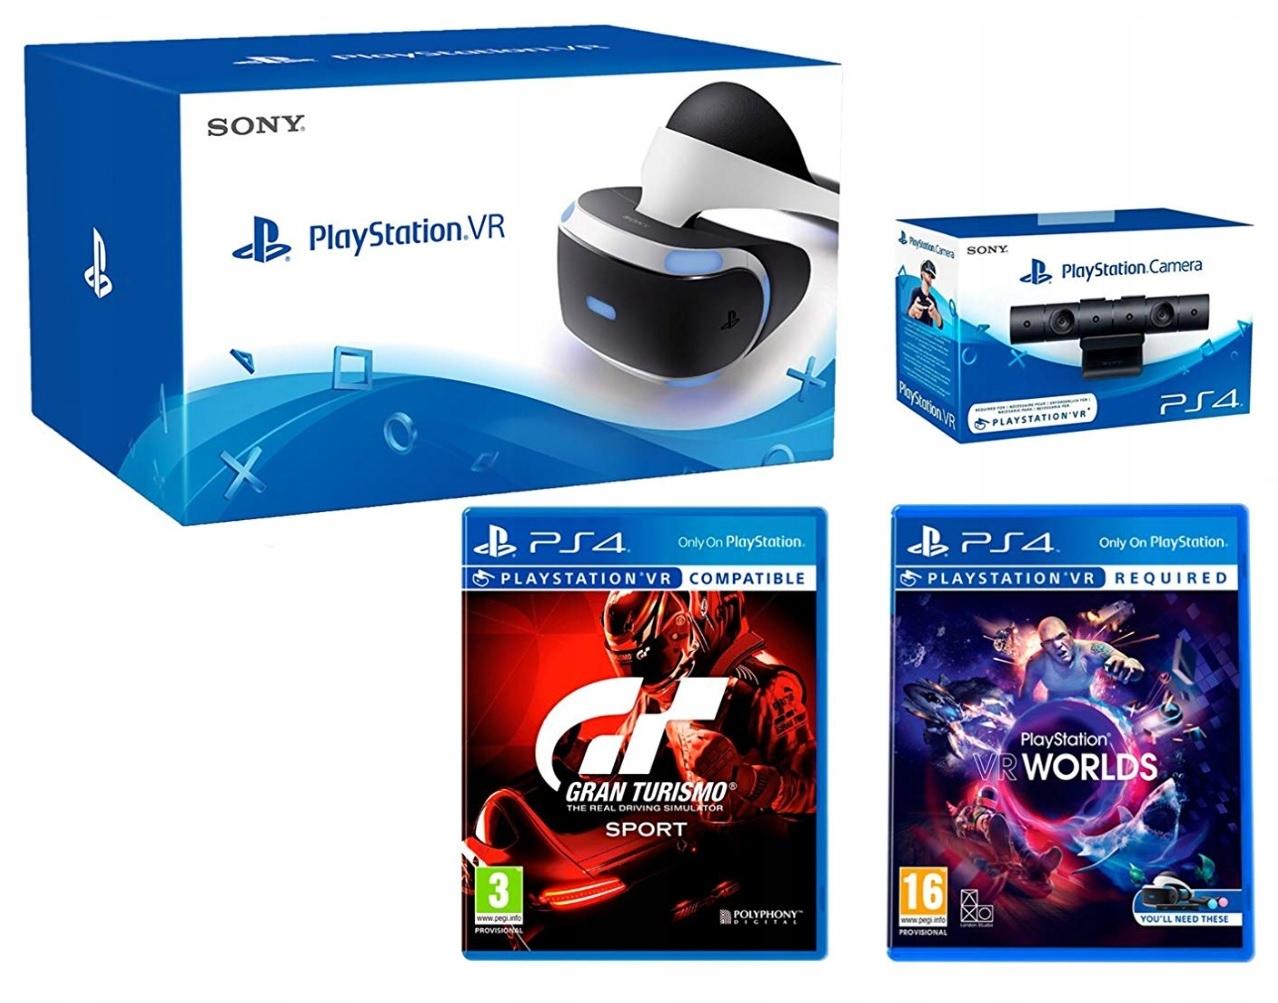 PS4 GOGLE VR (Okulary) + Kamera v 2.0 + 2 Gry